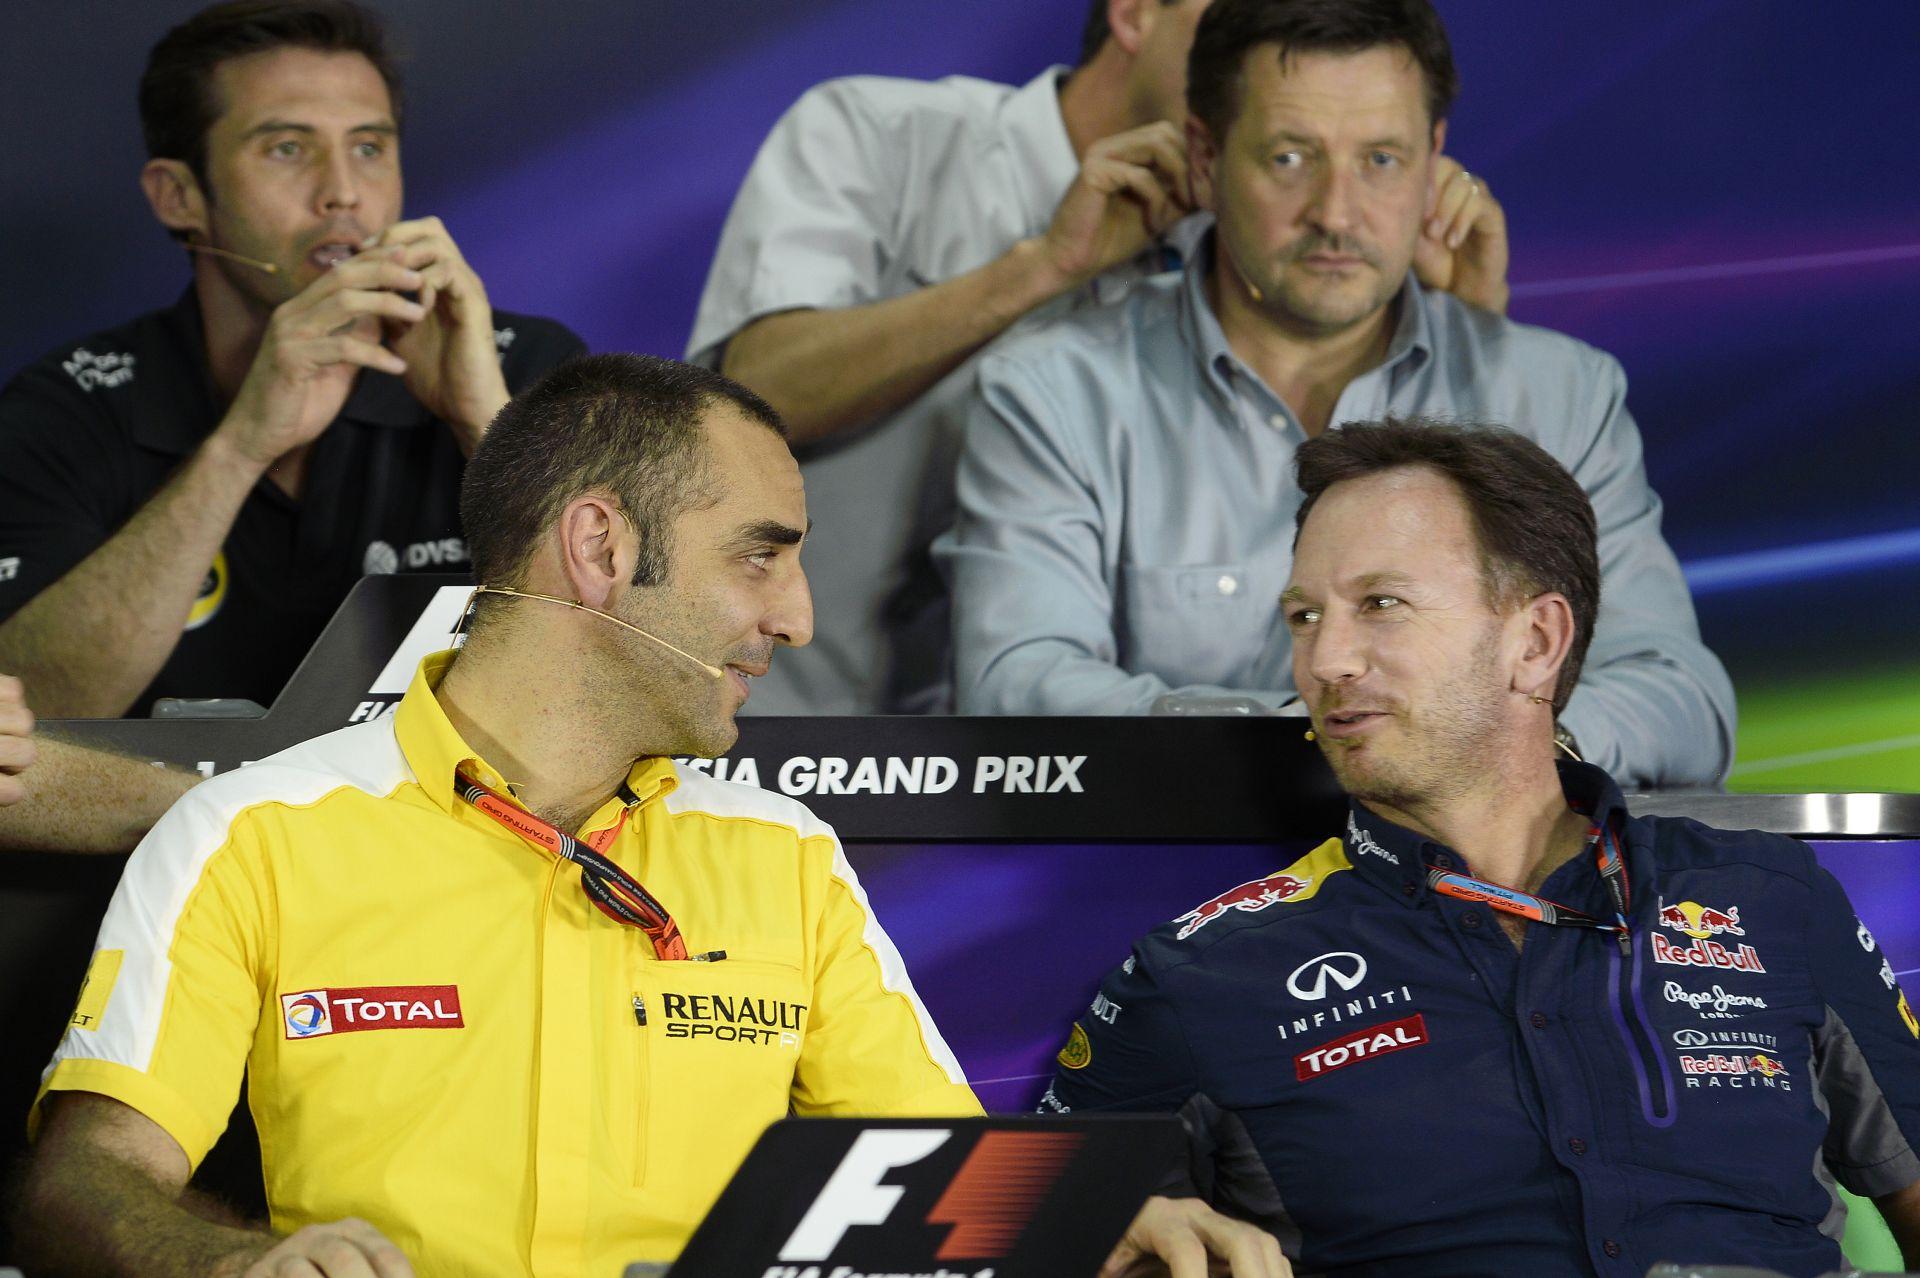 Renault: Ha továbbra már nem éri meg, elhagyjuk a Forma-1-et